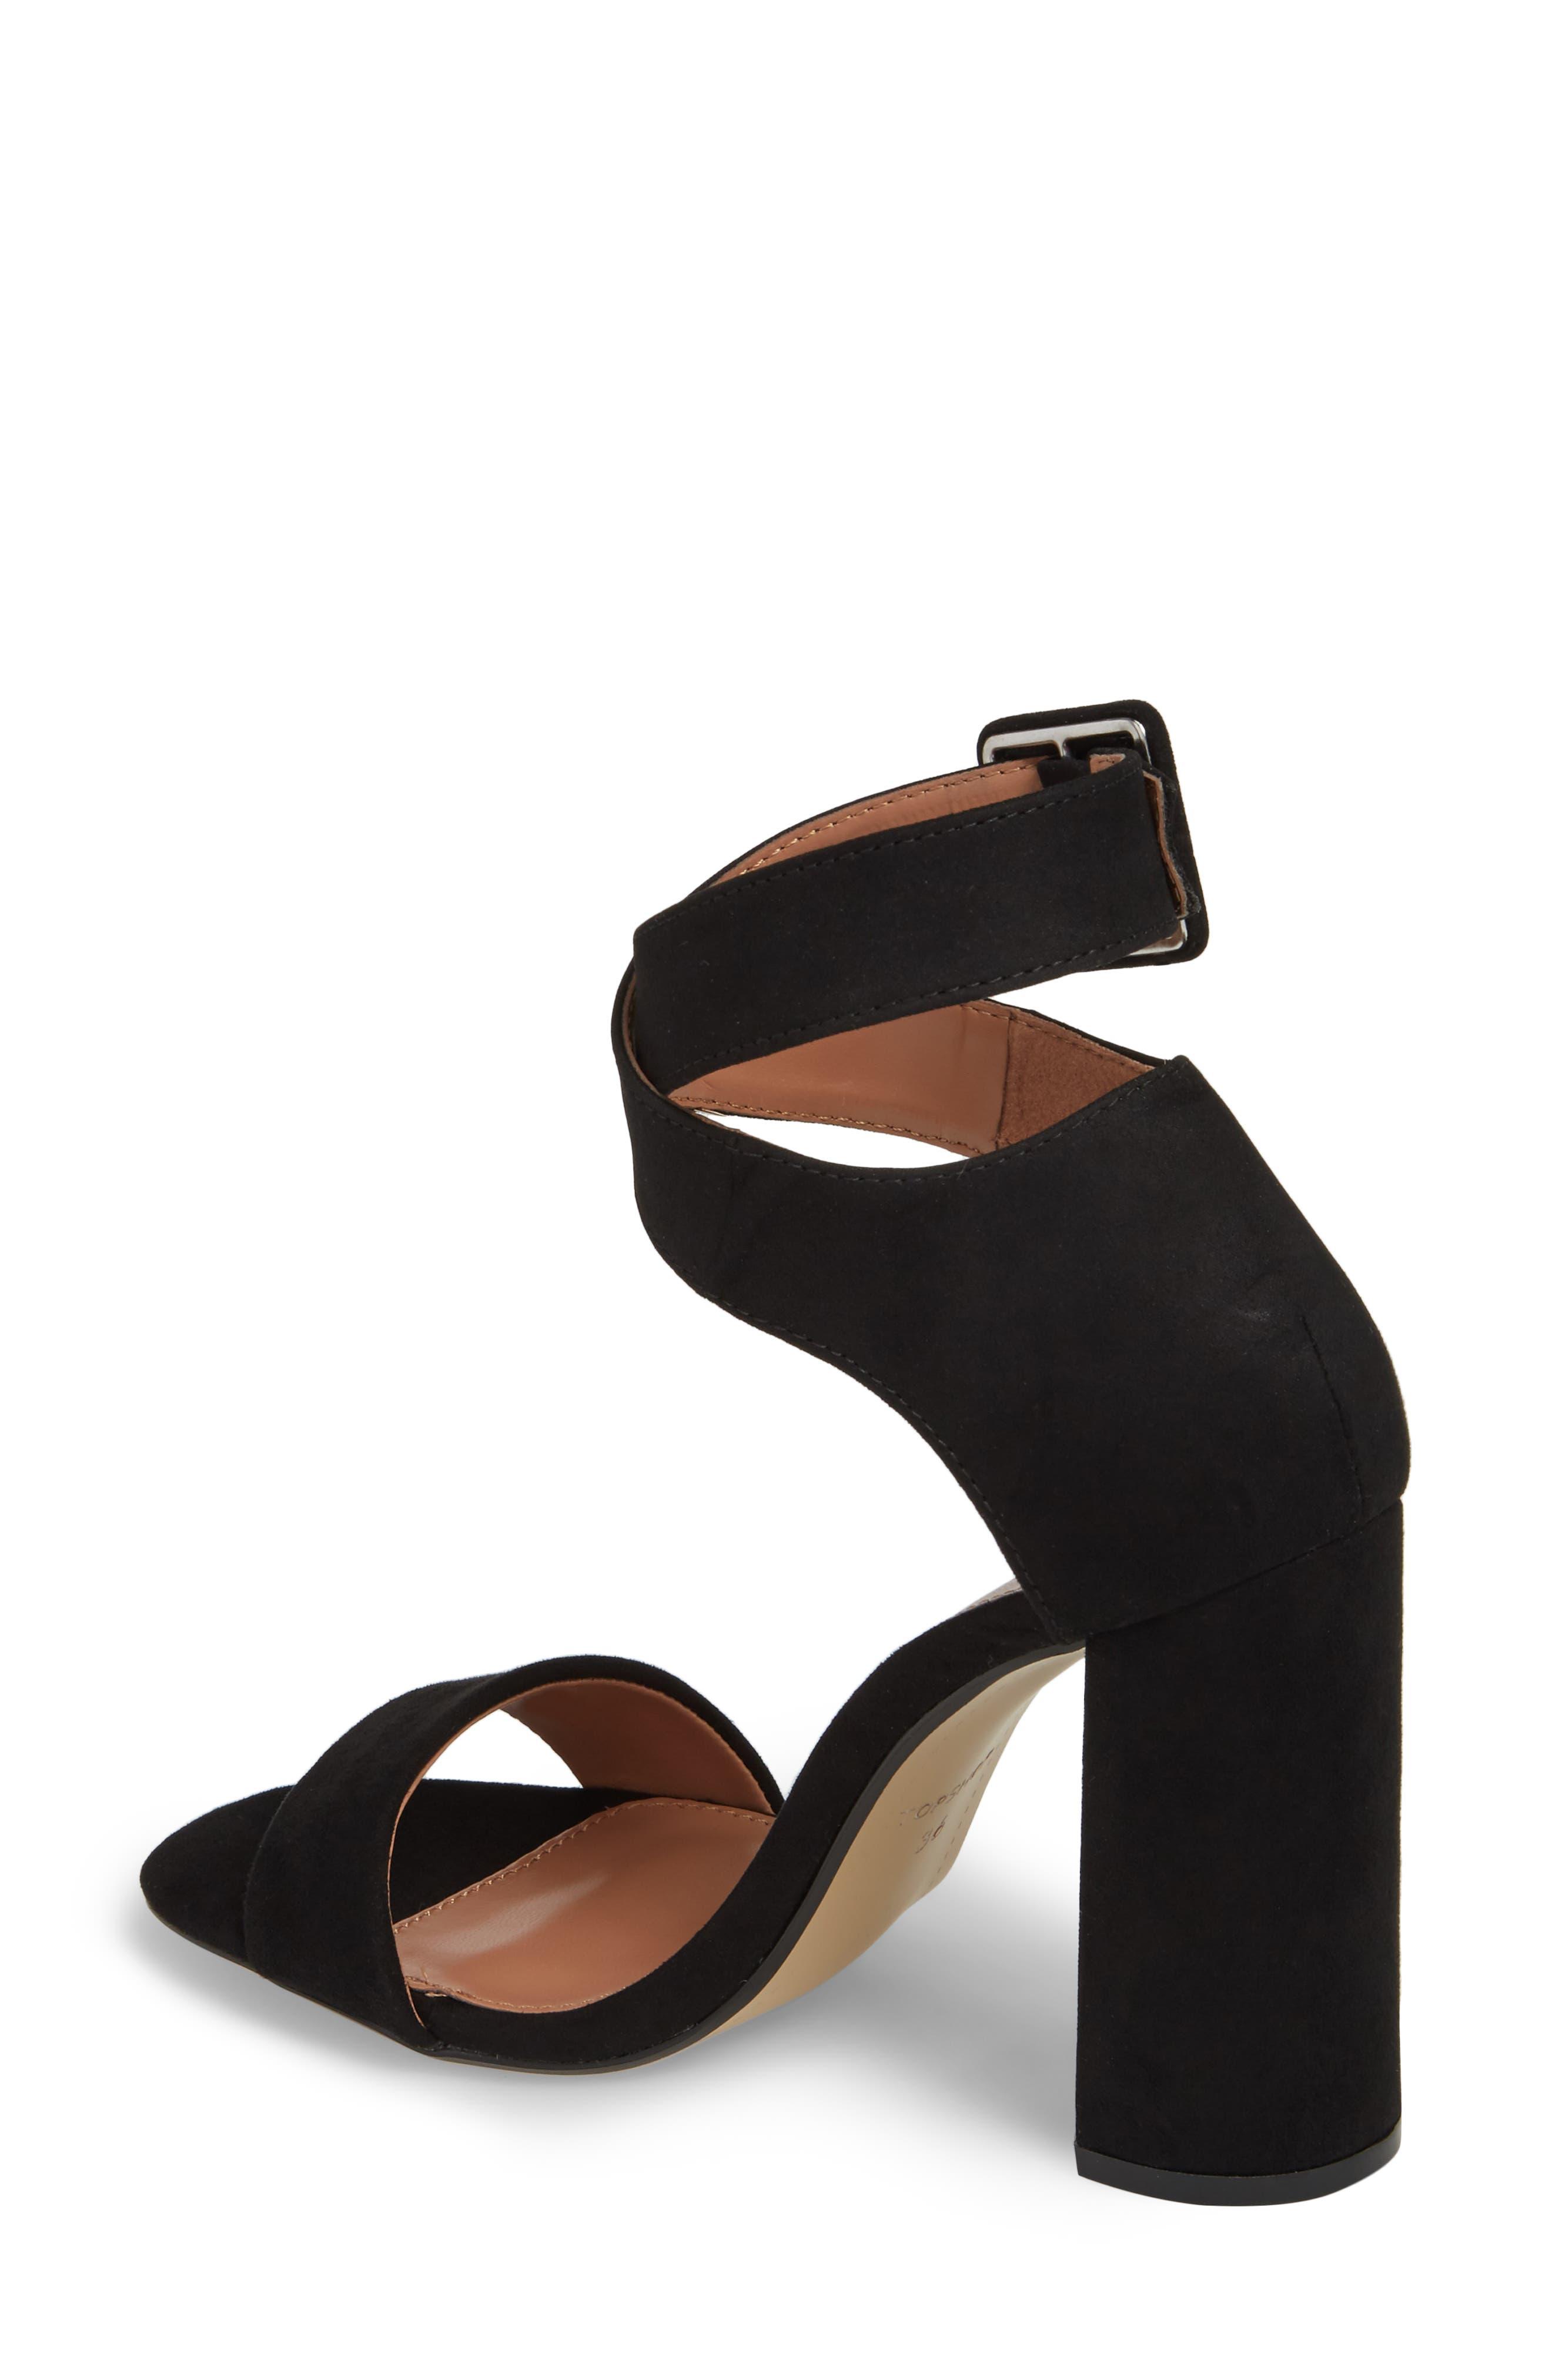 Sinitta Crossover Sandal,                             Alternate thumbnail 2, color,                             001